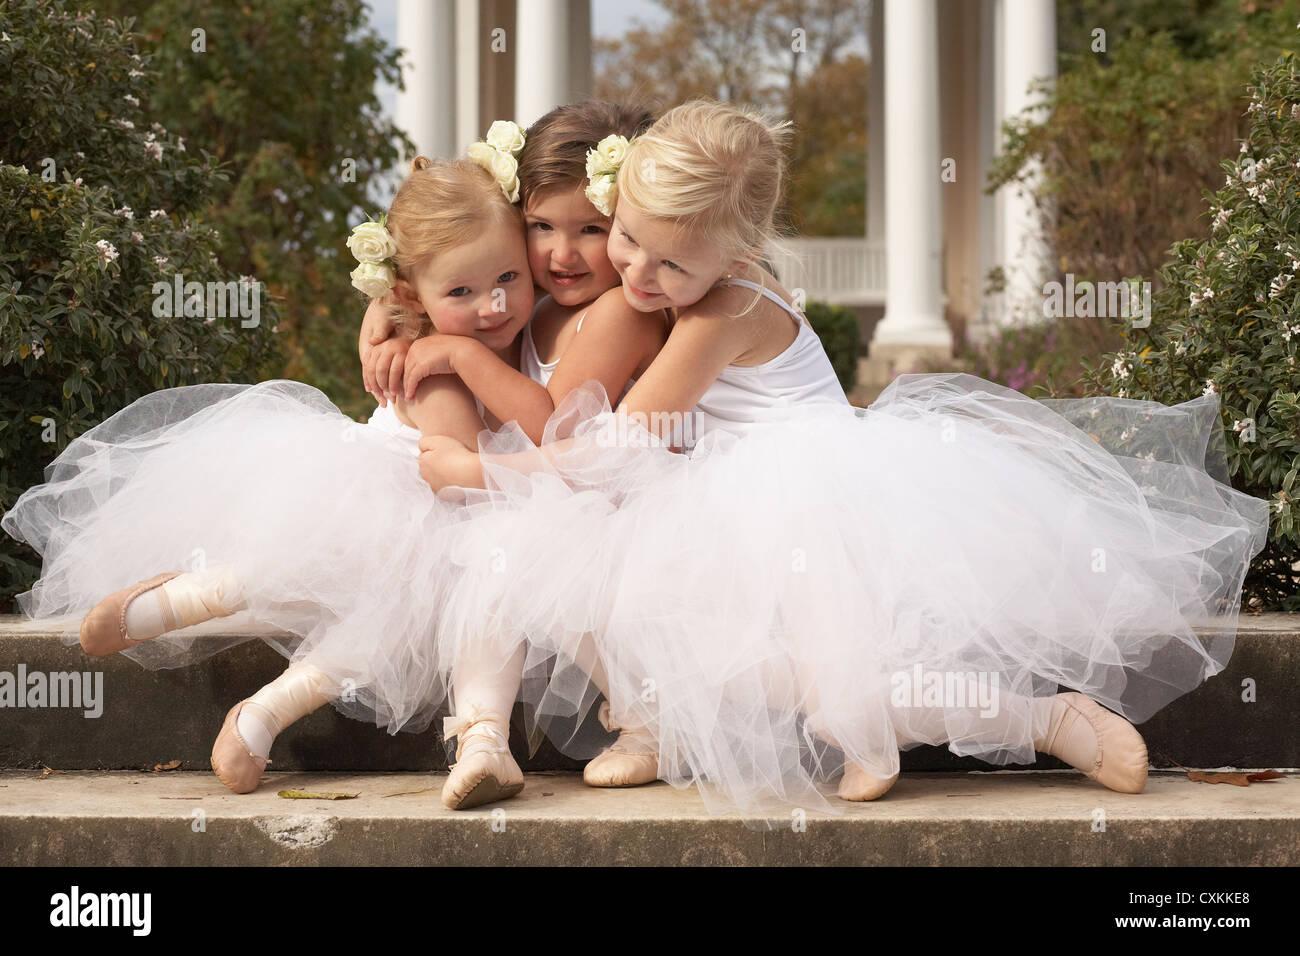 Las niñas abrazarse en trajes de ballet Imagen De Stock